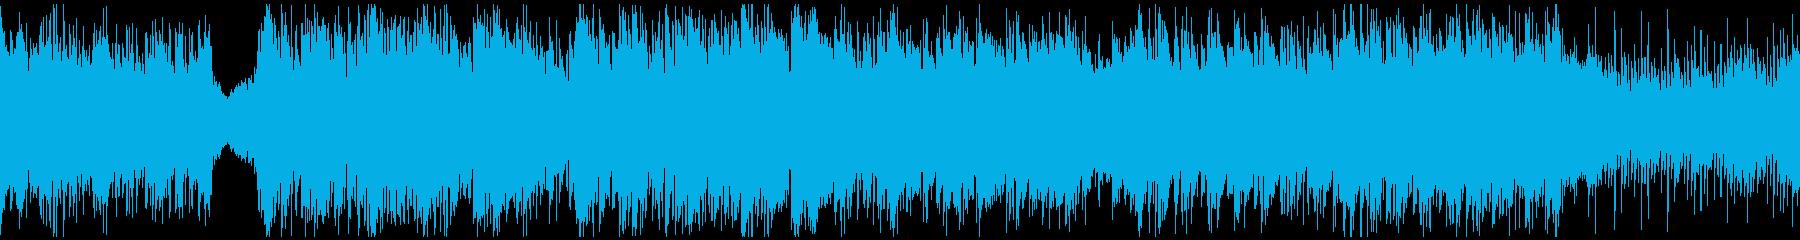 神秘的な民族音楽・ループの再生済みの波形